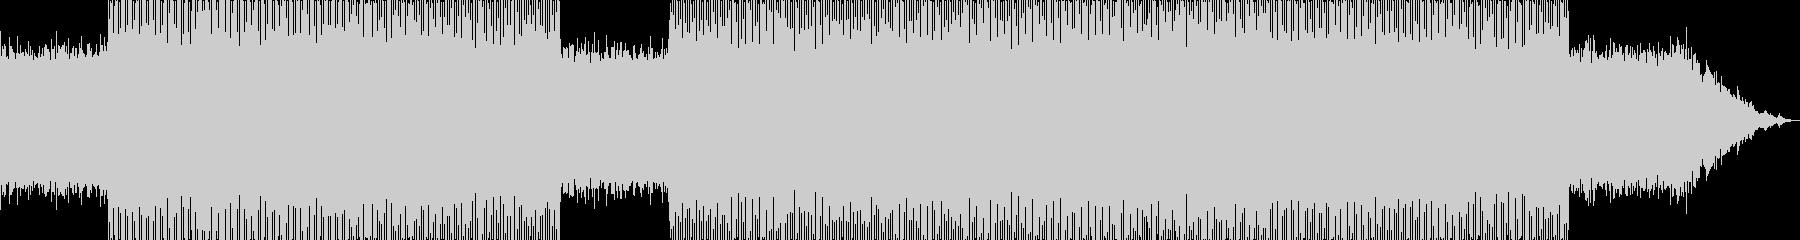 ネバーエンディングストーリーを思わせる曲の未再生の波形